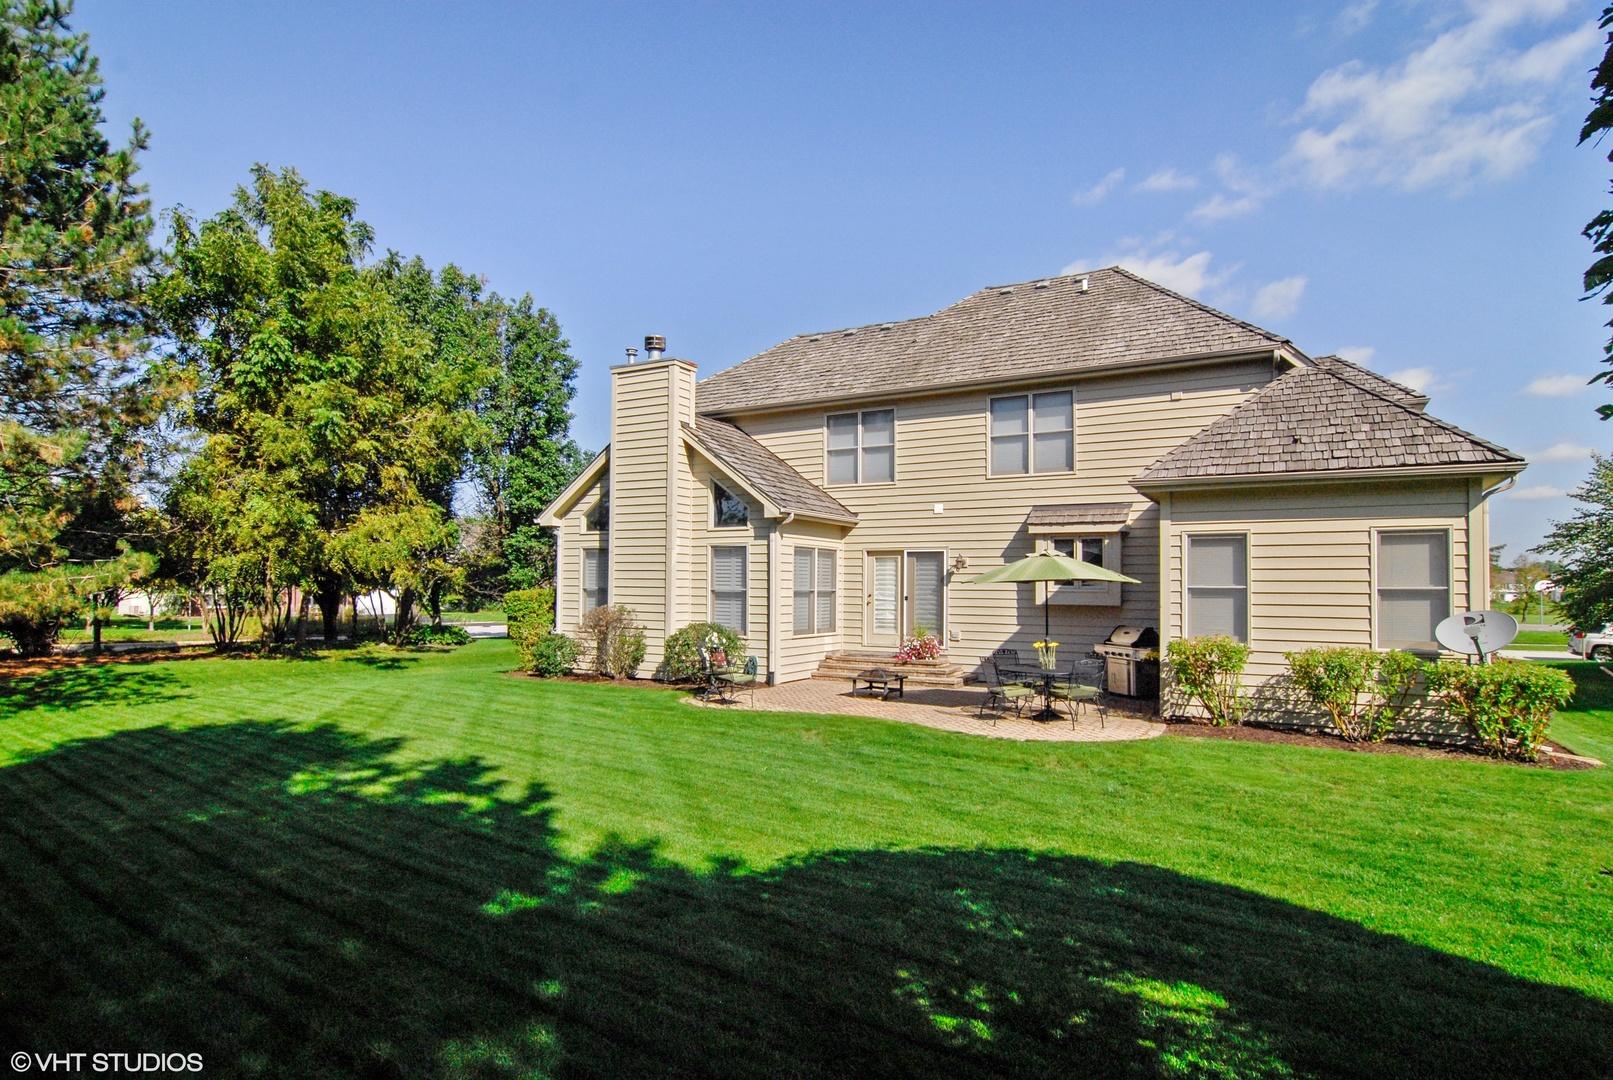 1274 Birchdale, AURORA, Illinois, 60504